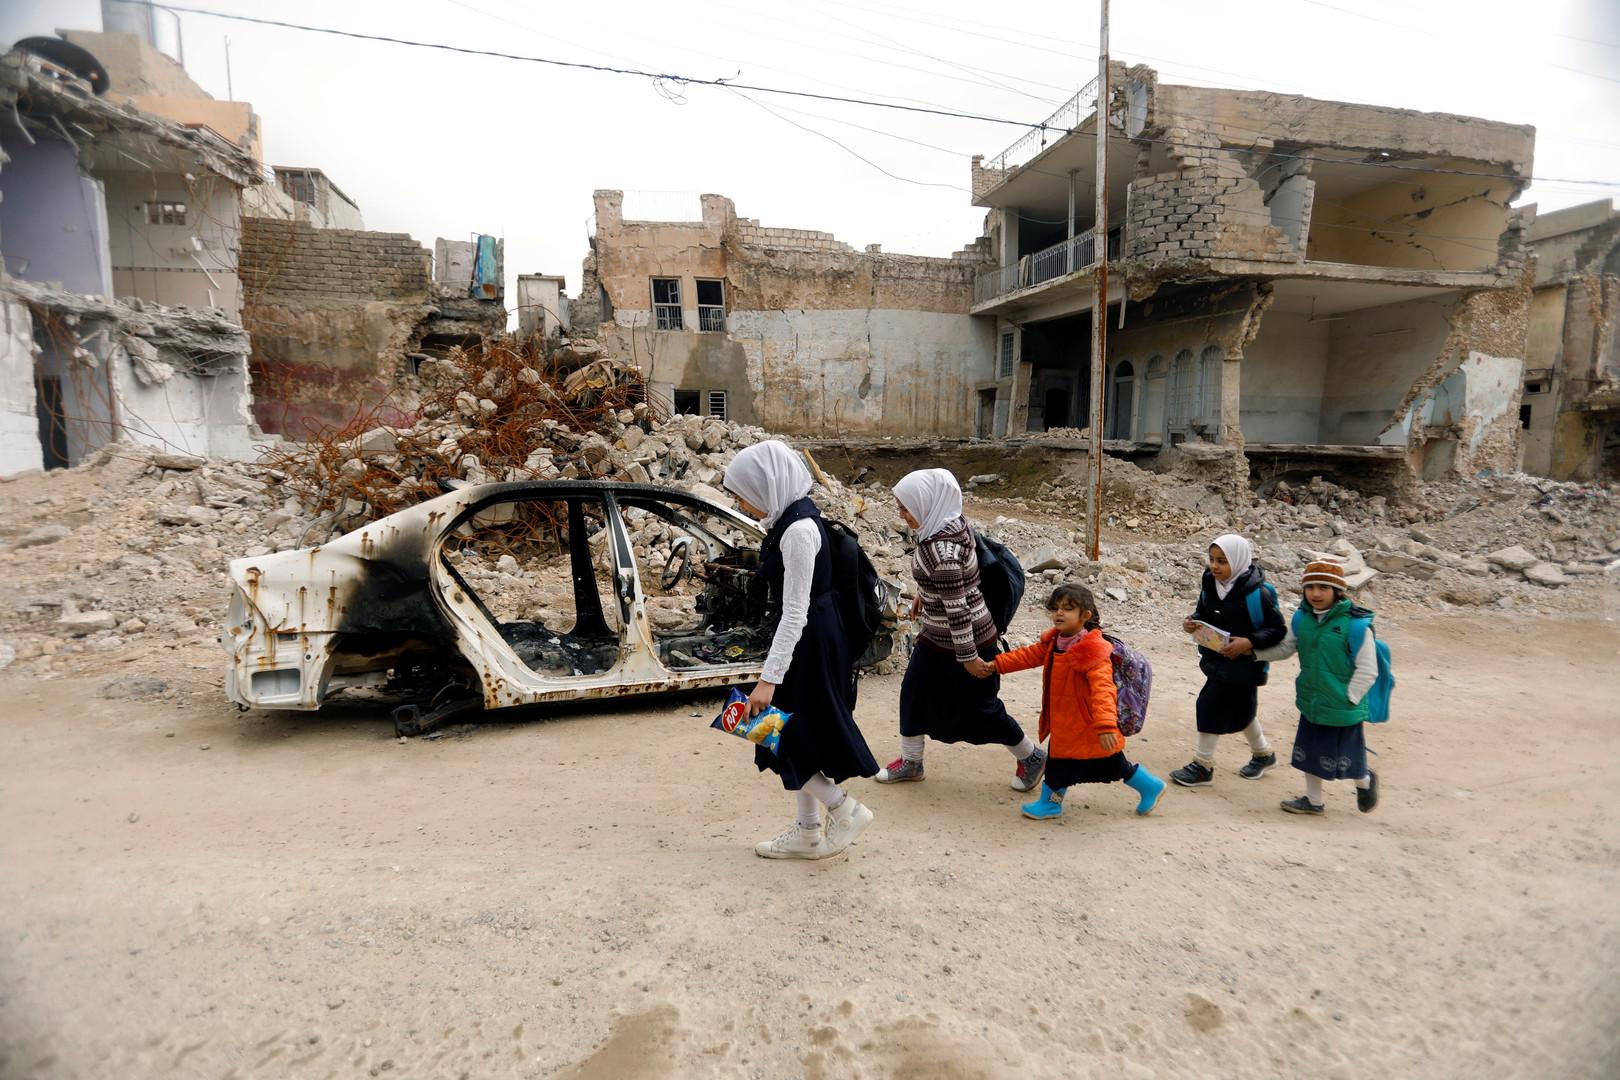 صورة أرشيفية من العراق